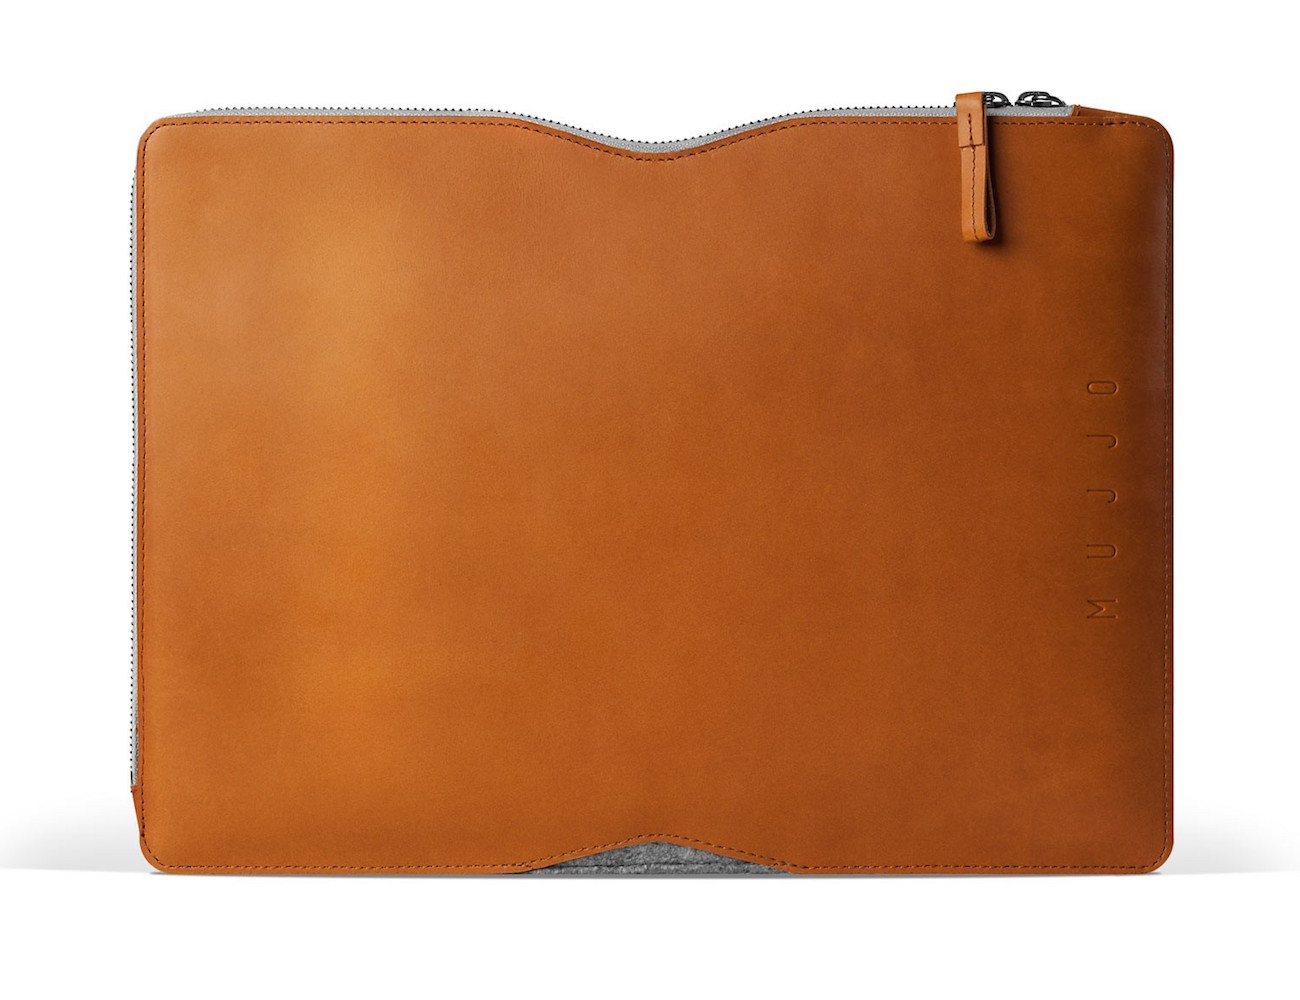 Leather MacBook Folio Sleeve by Mujjo